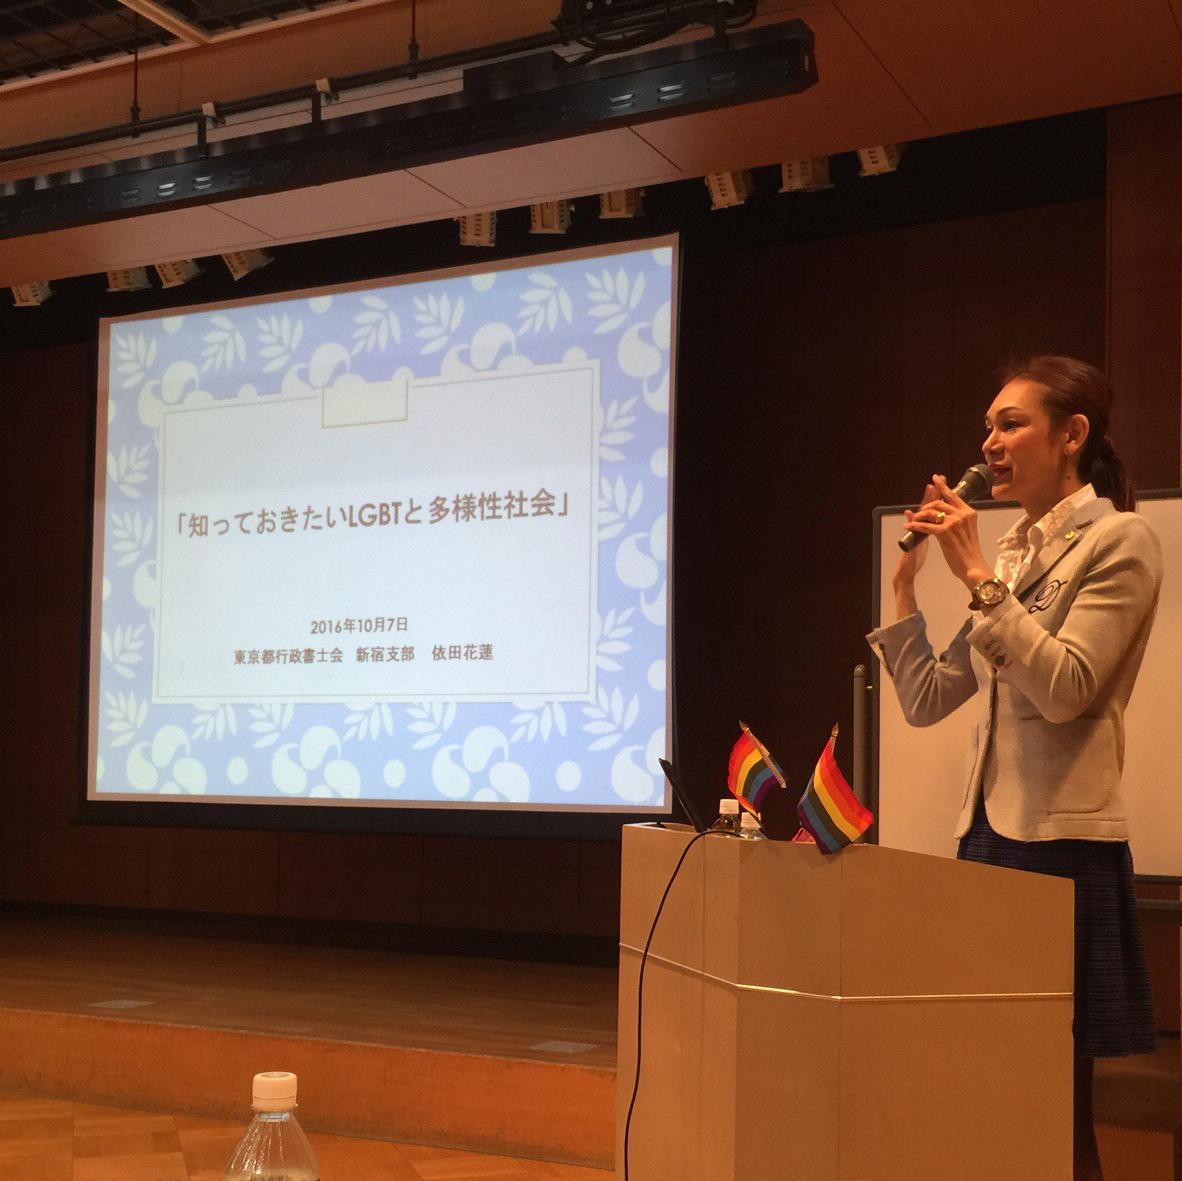 2016年9月 東京都社会保険労務士協会 新宿支部研修 「LGBT問題と多様性社会のつくり方